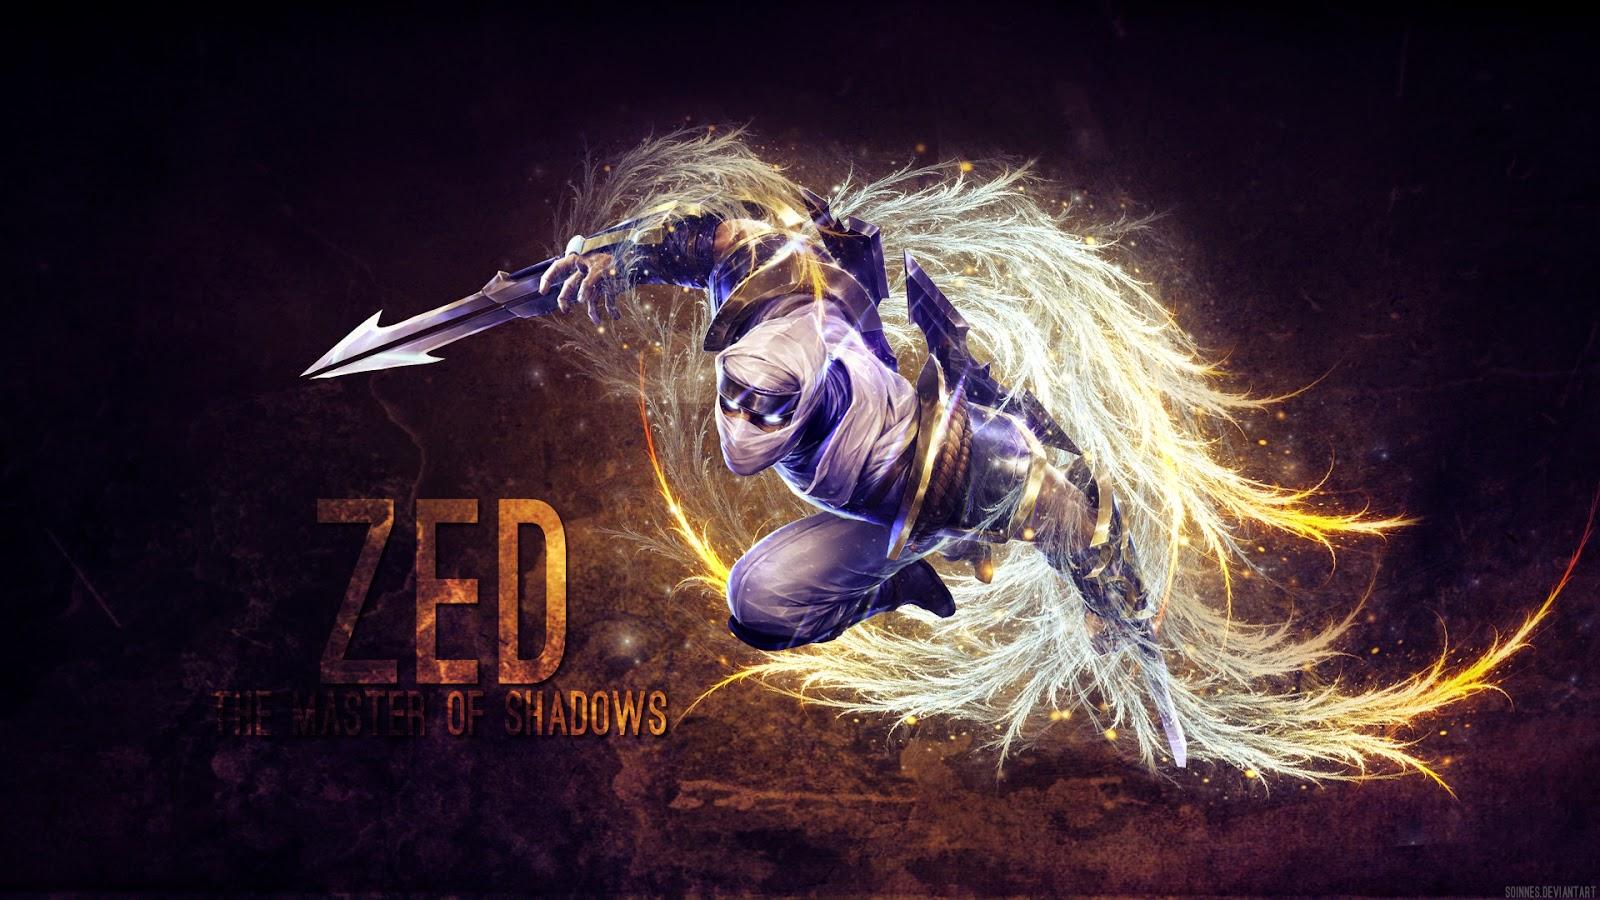 Tải hình ảnh Zed LOL làm ảnh nền ảnh bìa full HD